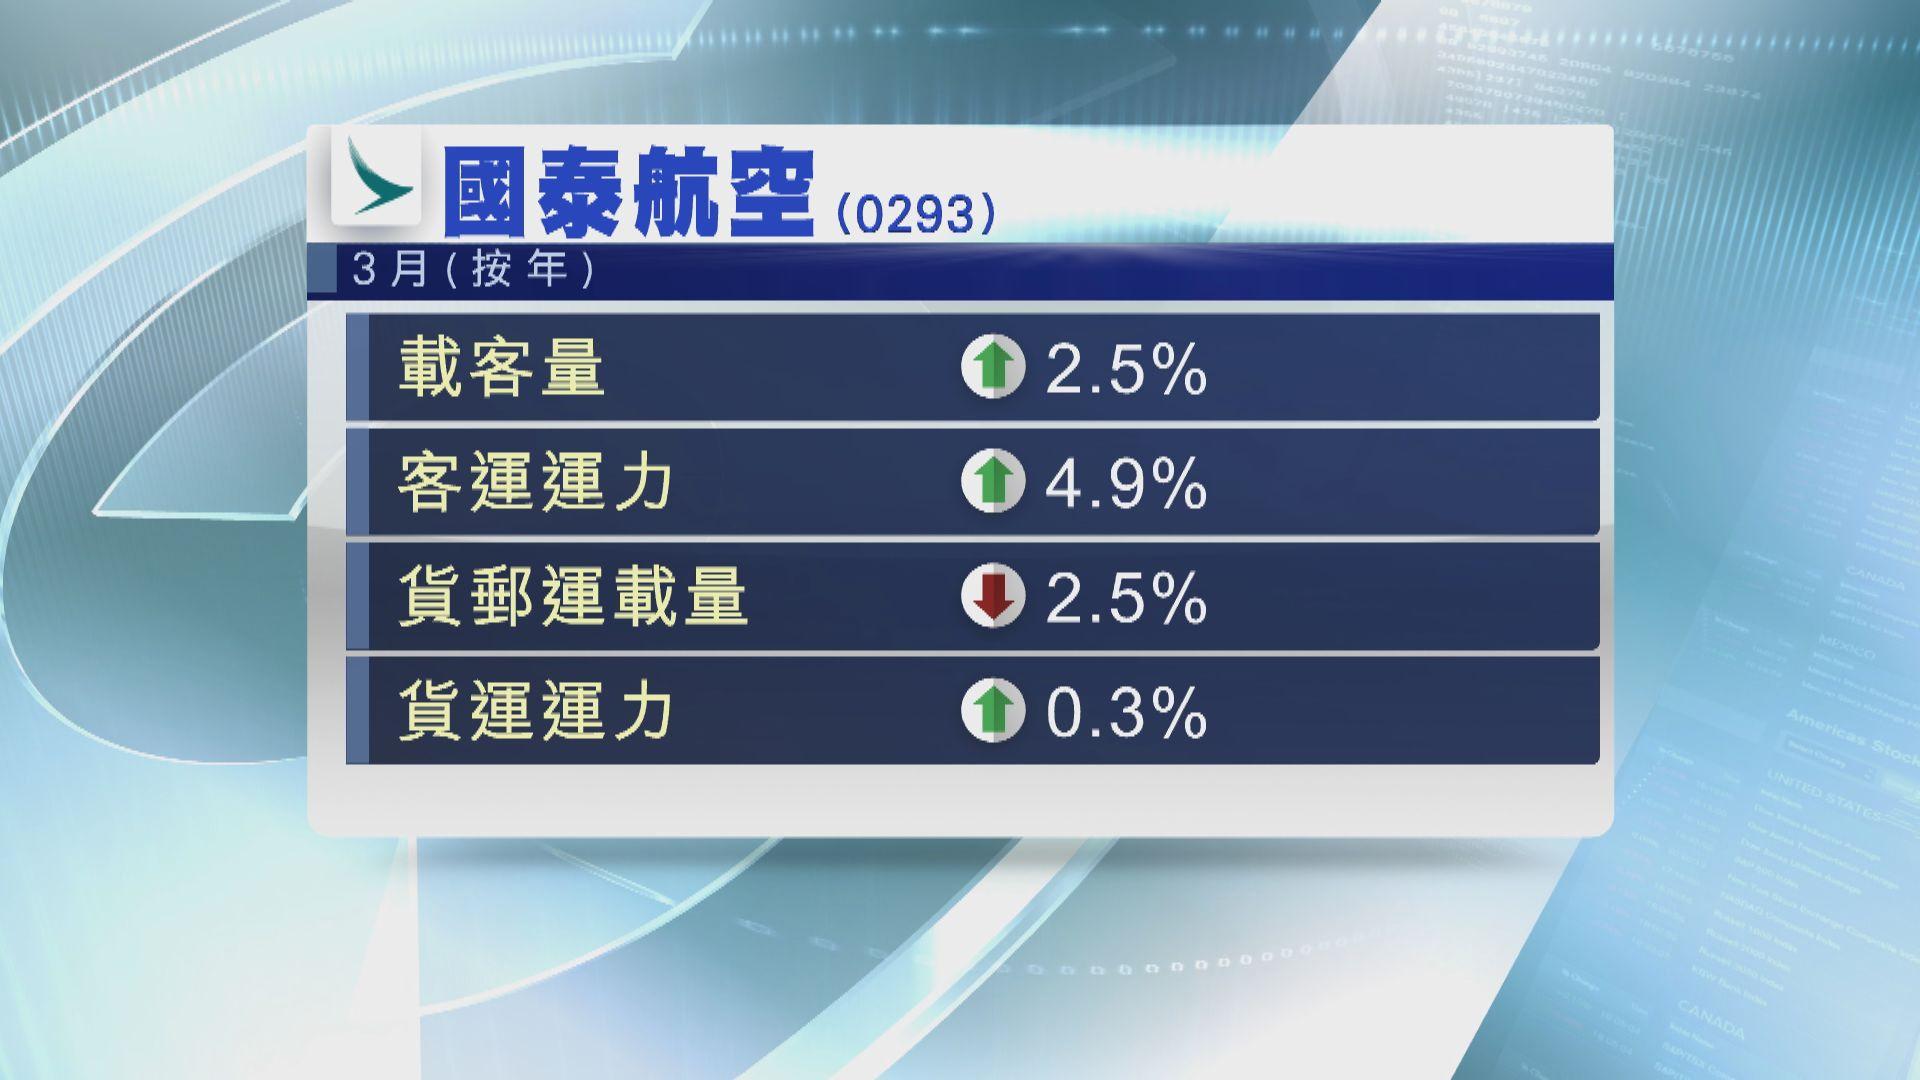 【前景樂觀】國泰上月載客量按年增2%